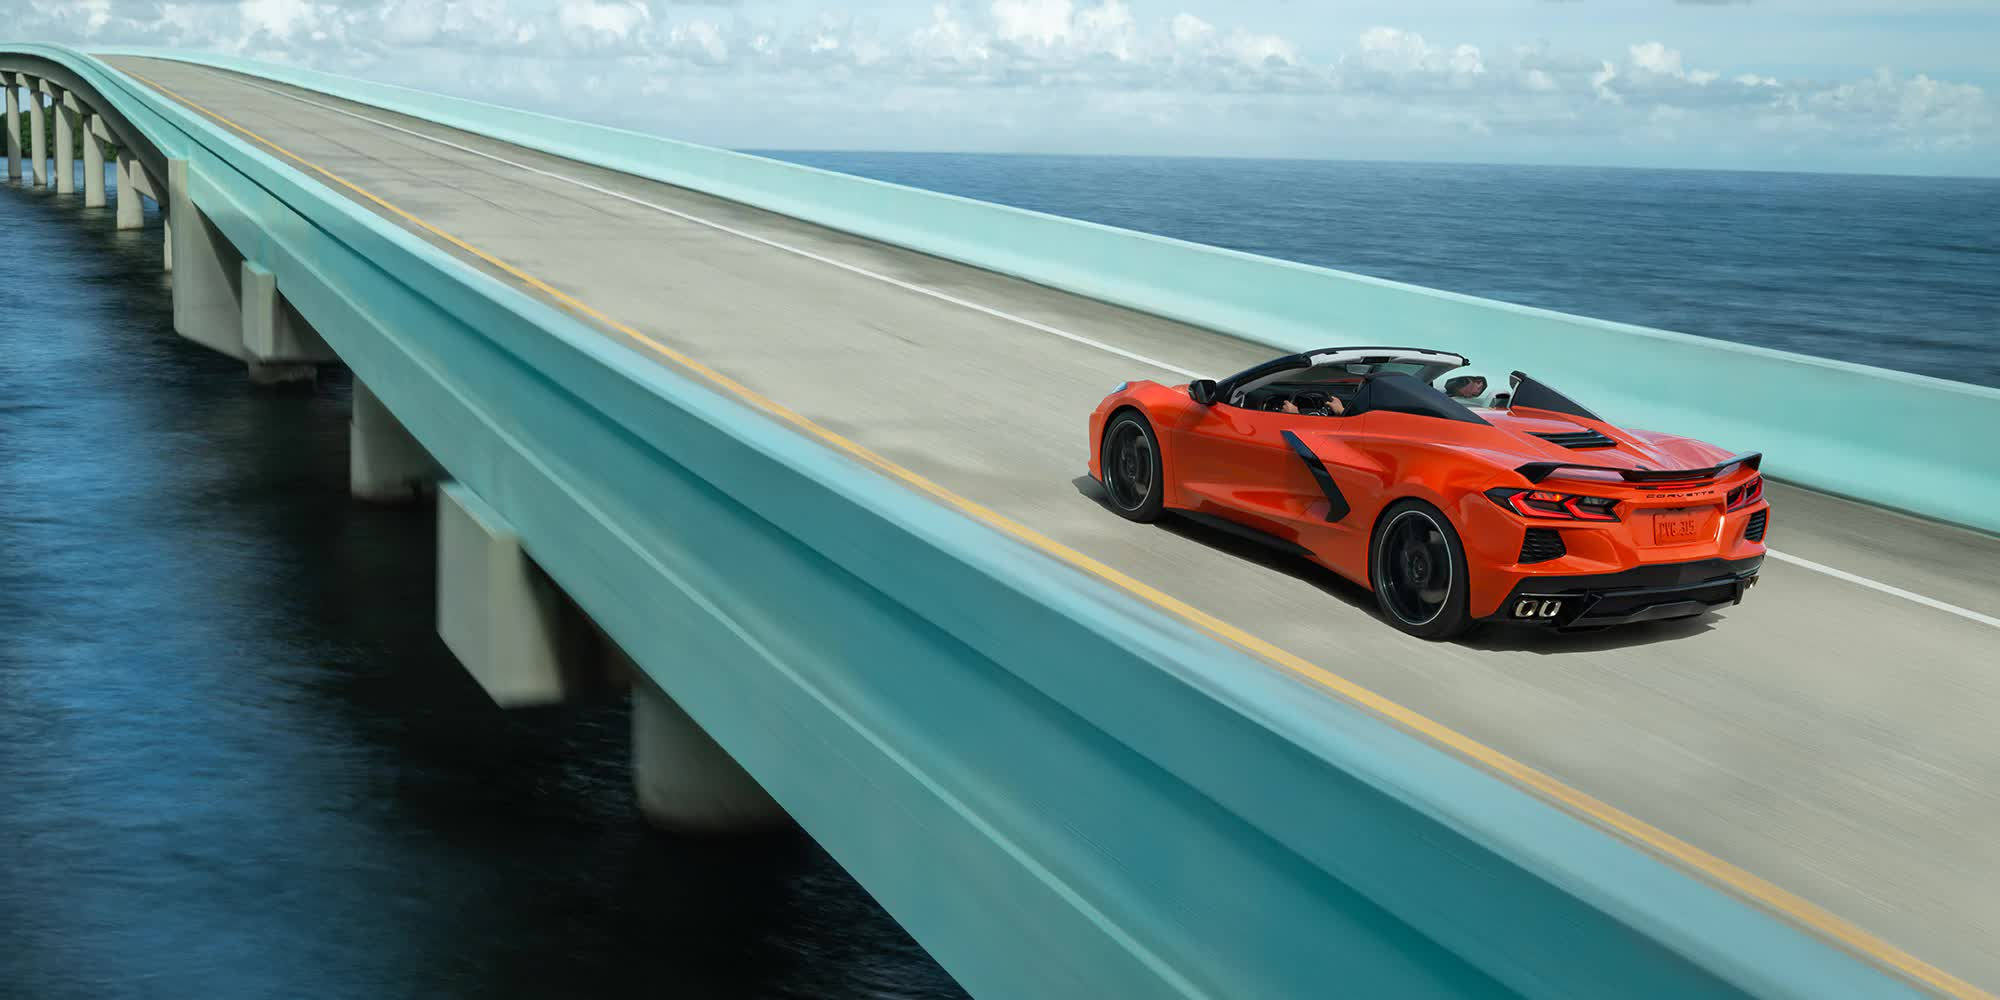 Corvette-c8-stingray-arancio-2020-in-usa-auto-sportiva-a-motore-centrale-disponibile-con-allestimento-coupe-e-convertible-in-esclusiva-presso-gruppo-cavauto-a-Monza.jpg